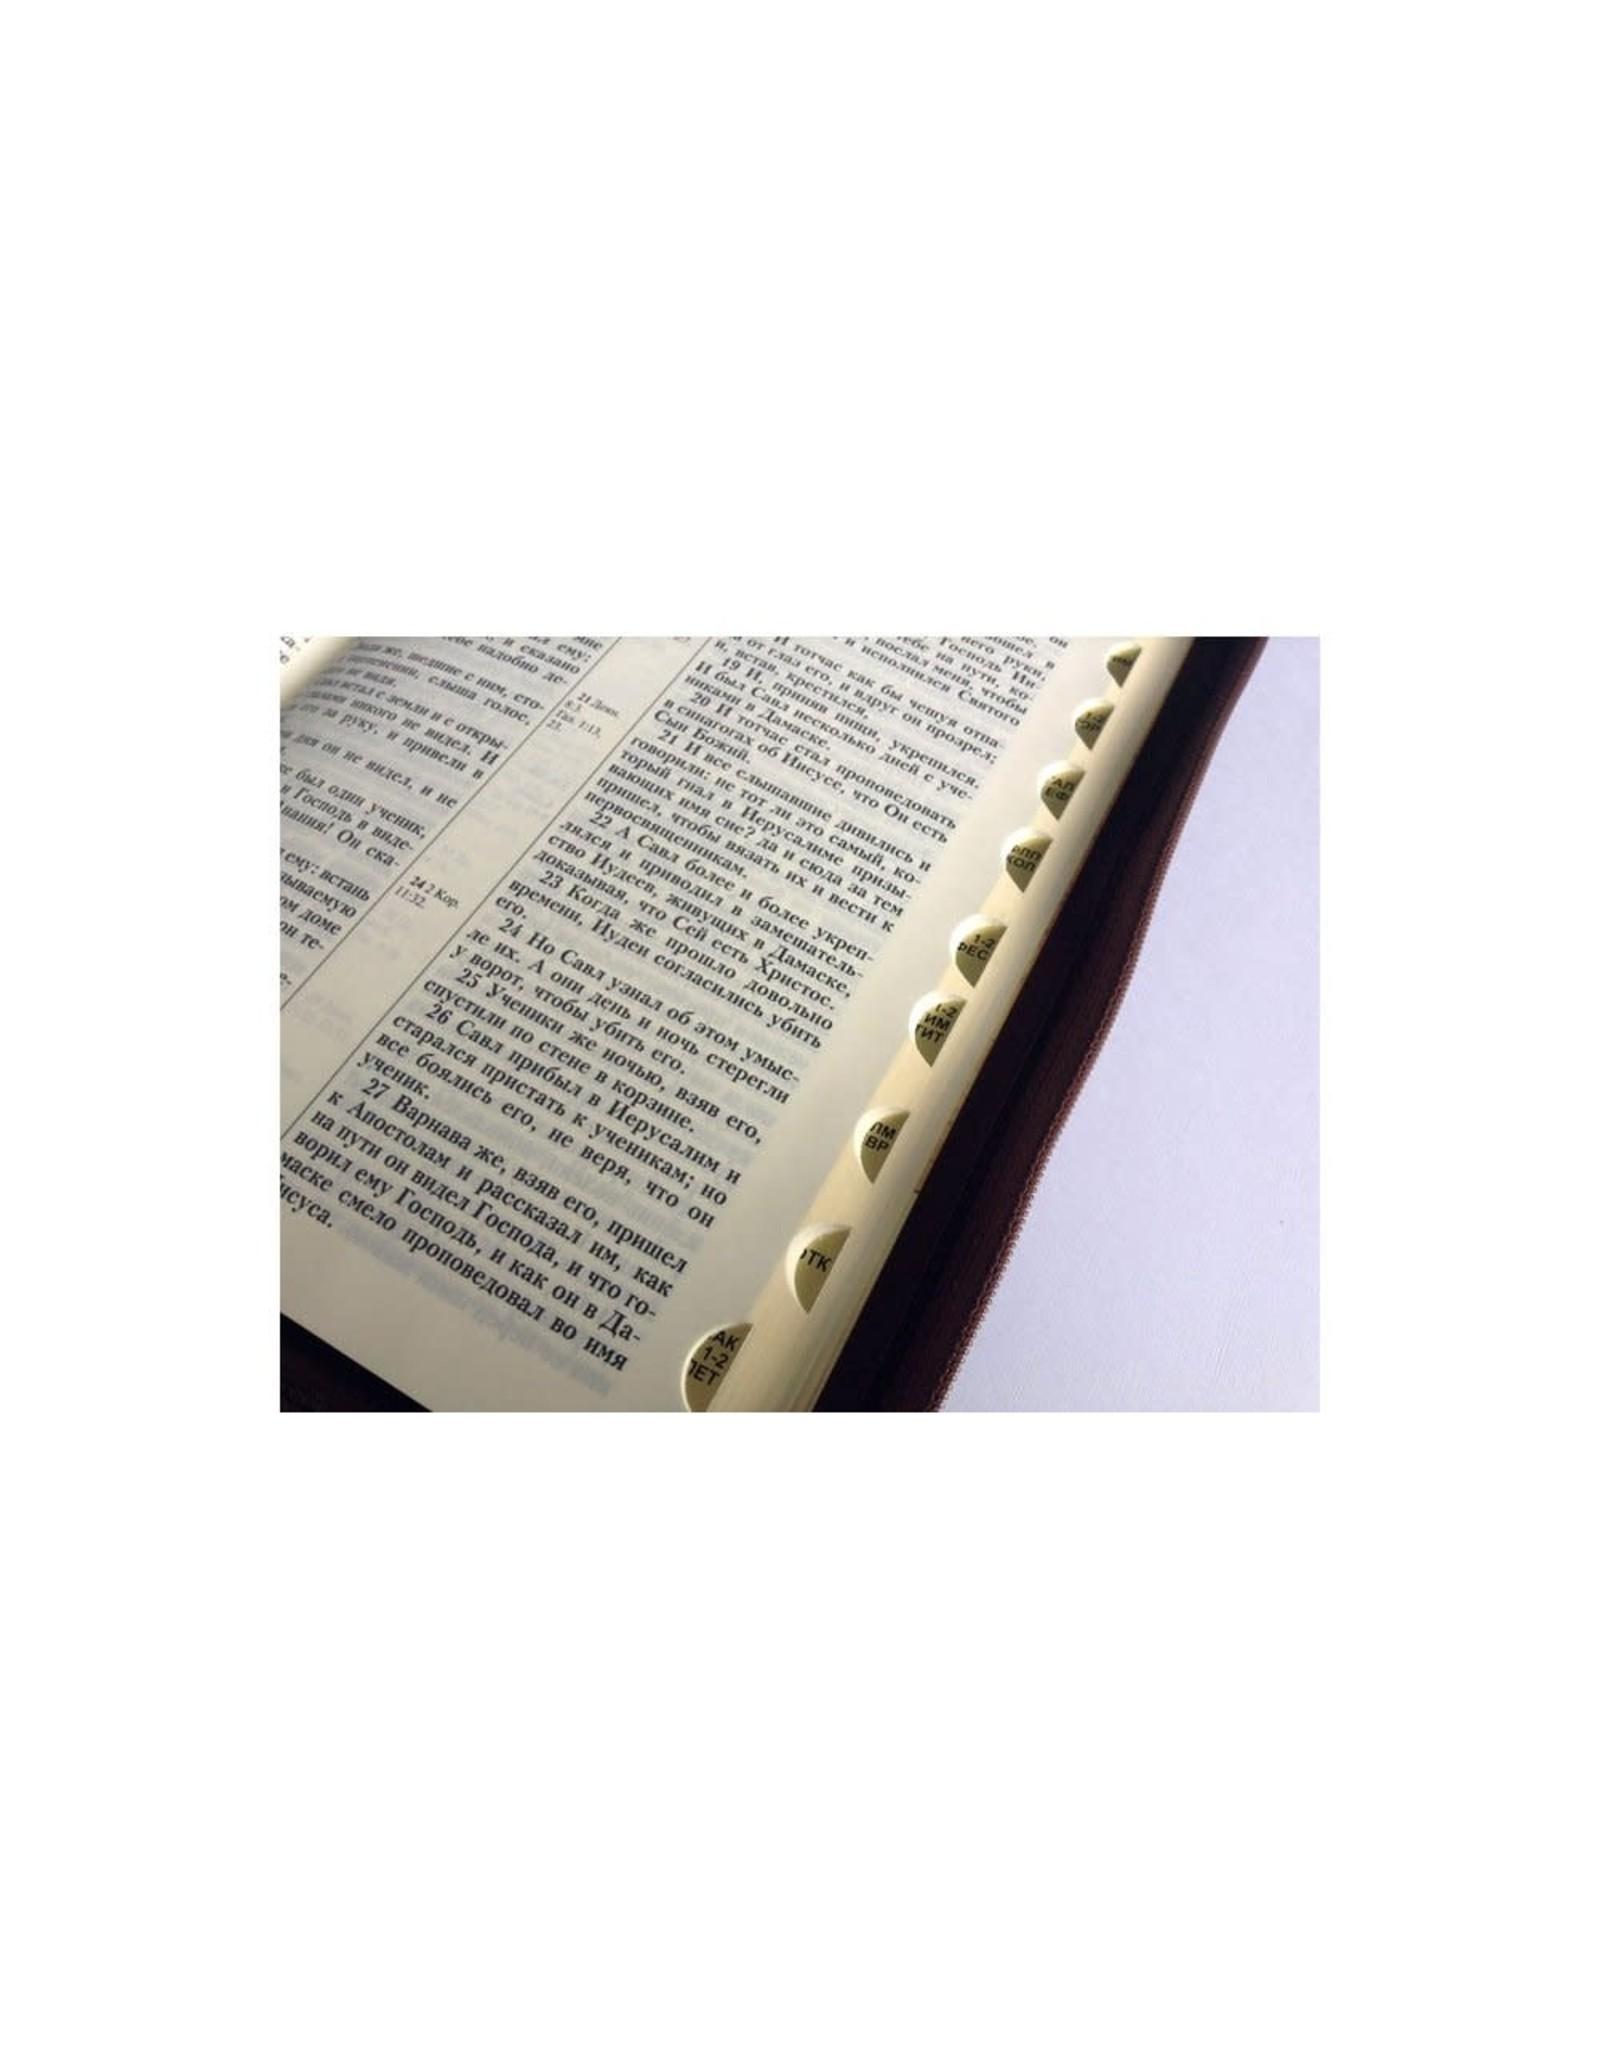 Библия, Каноническая (SYNO), Заменитель Кожи, Коричневая с Узорной Рамкой, Индексы, Большая